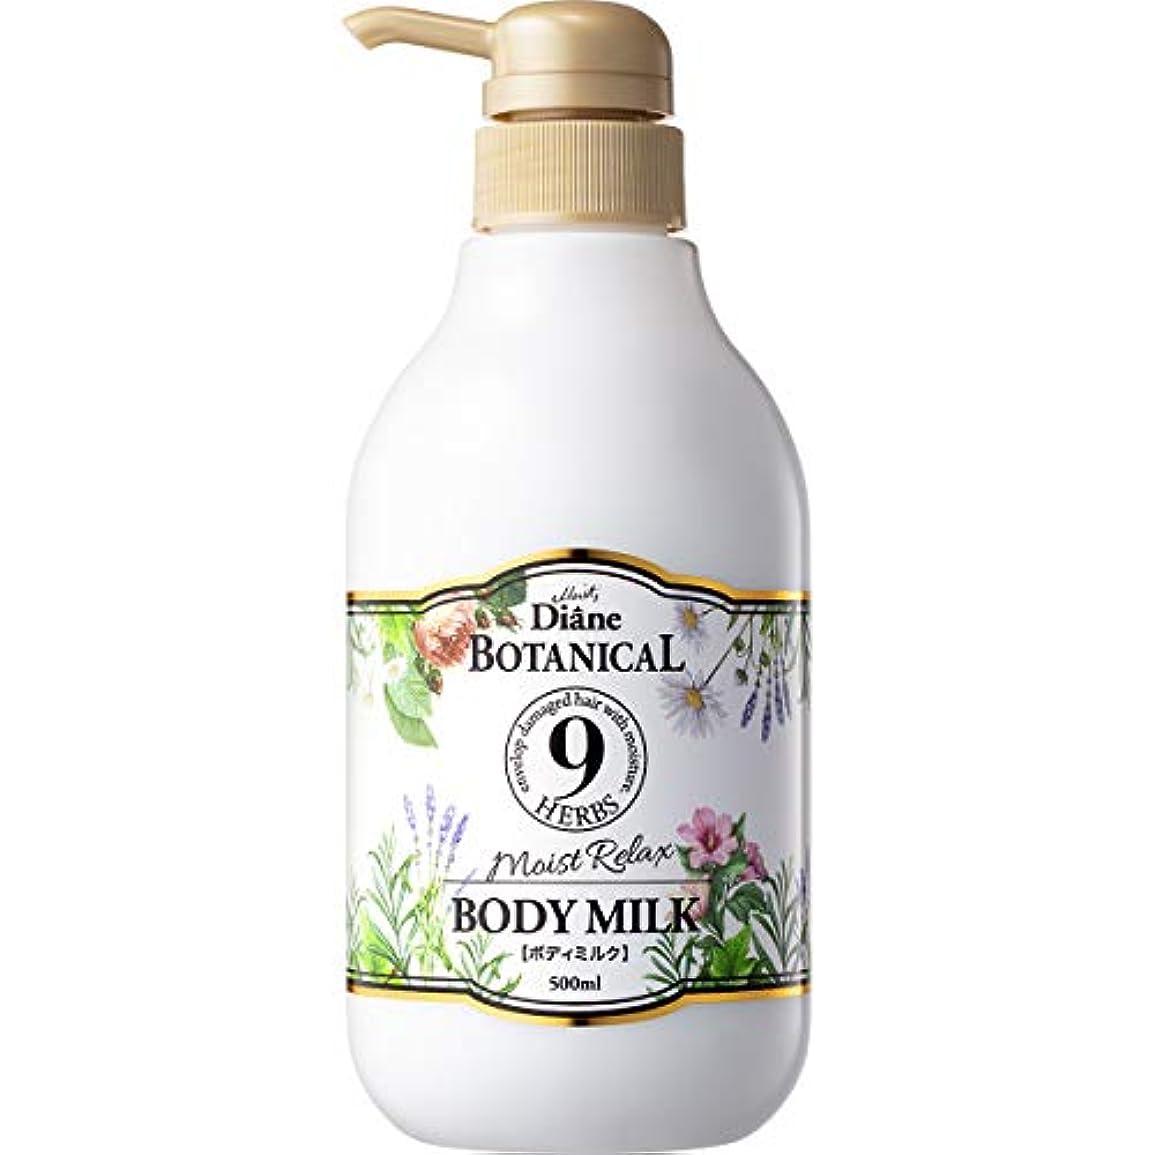 Diane Botanical(ダイアン ボタニカル) ボディミルク ボディクリーム モイストリラックス シトラスハーブ 500ml